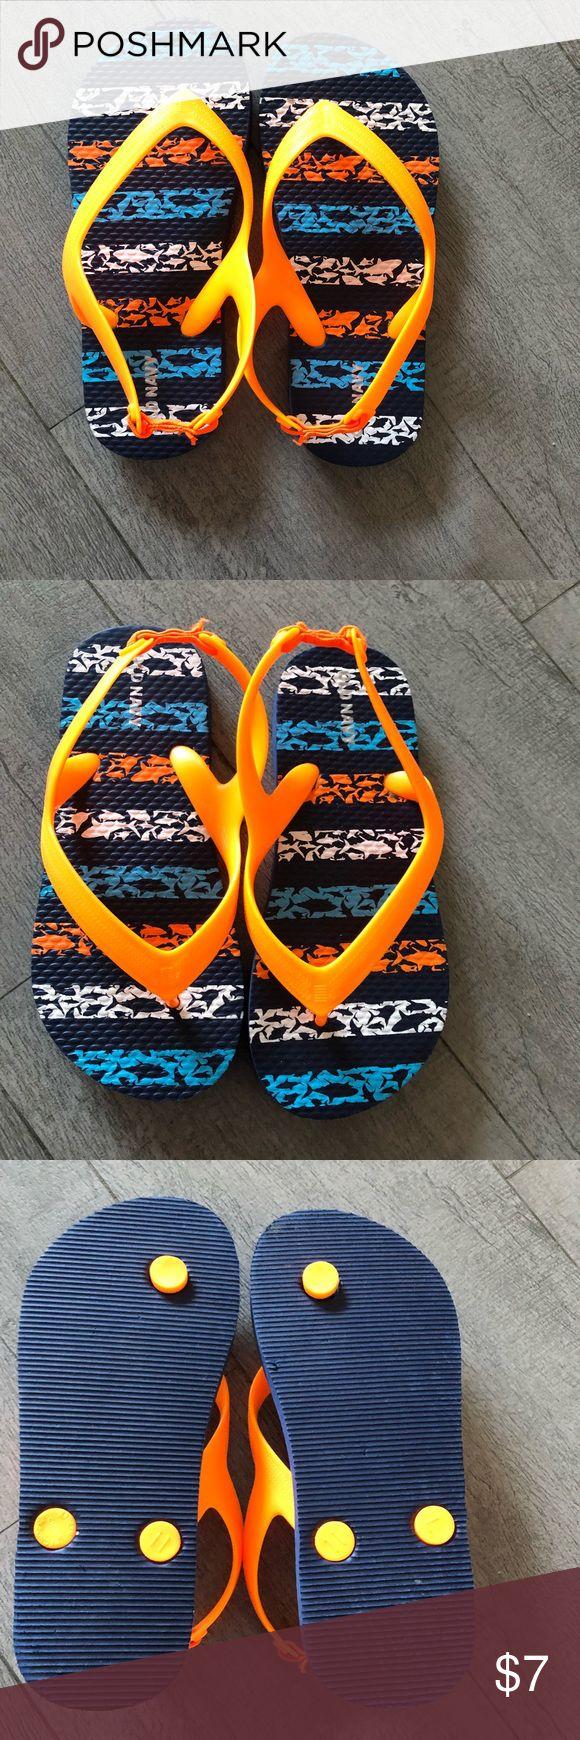 Brand new little boys flip flops Brand new, never worn little boys flip flops Old Navy Shoes Sandals & Flip Flops